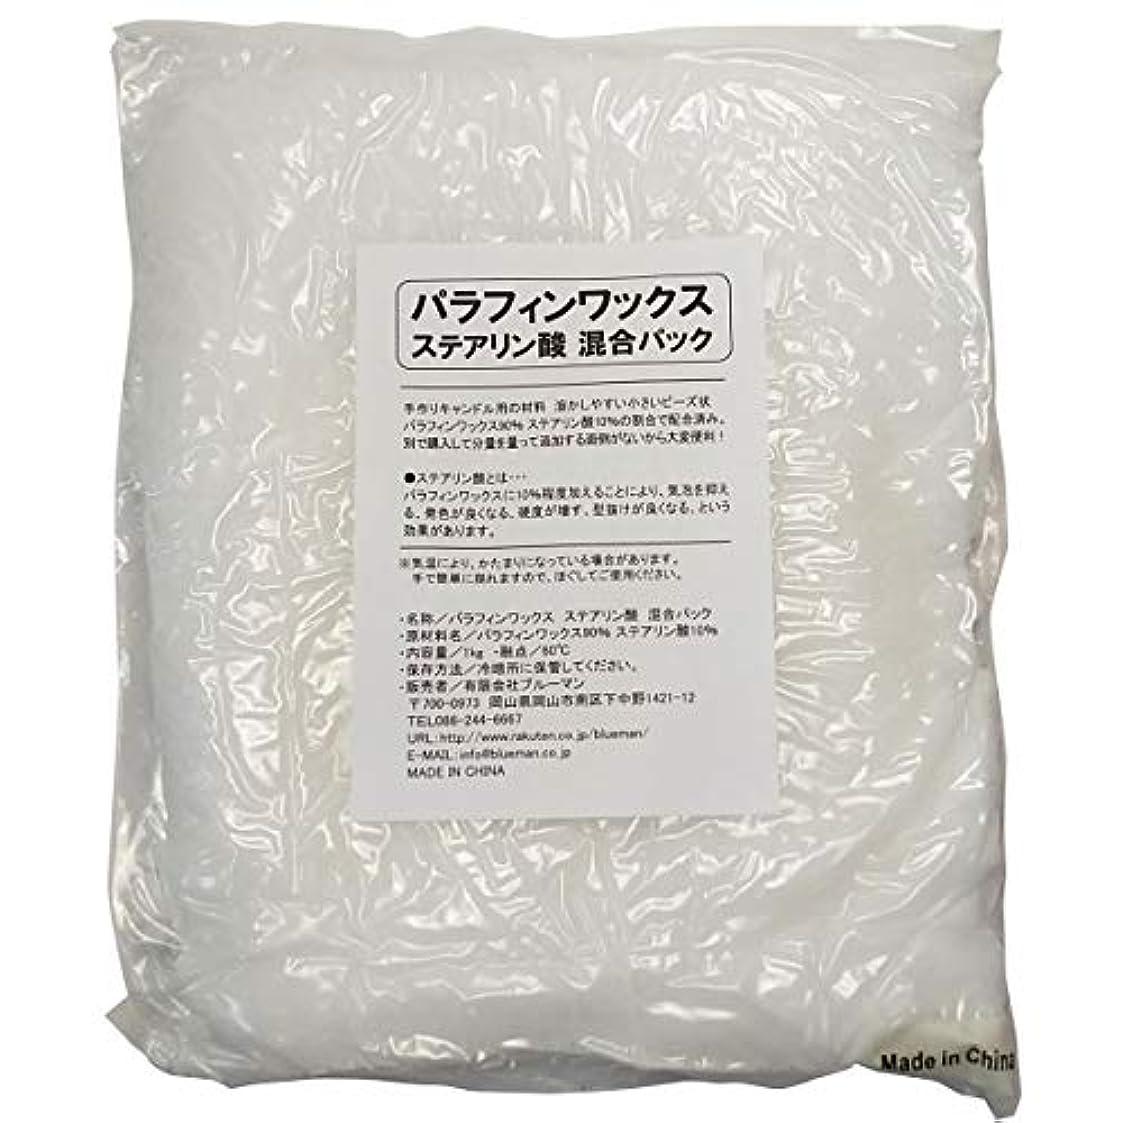 リビングルーム抑制魅了するパラフィンワックス ステアリン酸 混合パック 1kg 手作りキャンドル 材料 1キロ アロマワックスサシェ